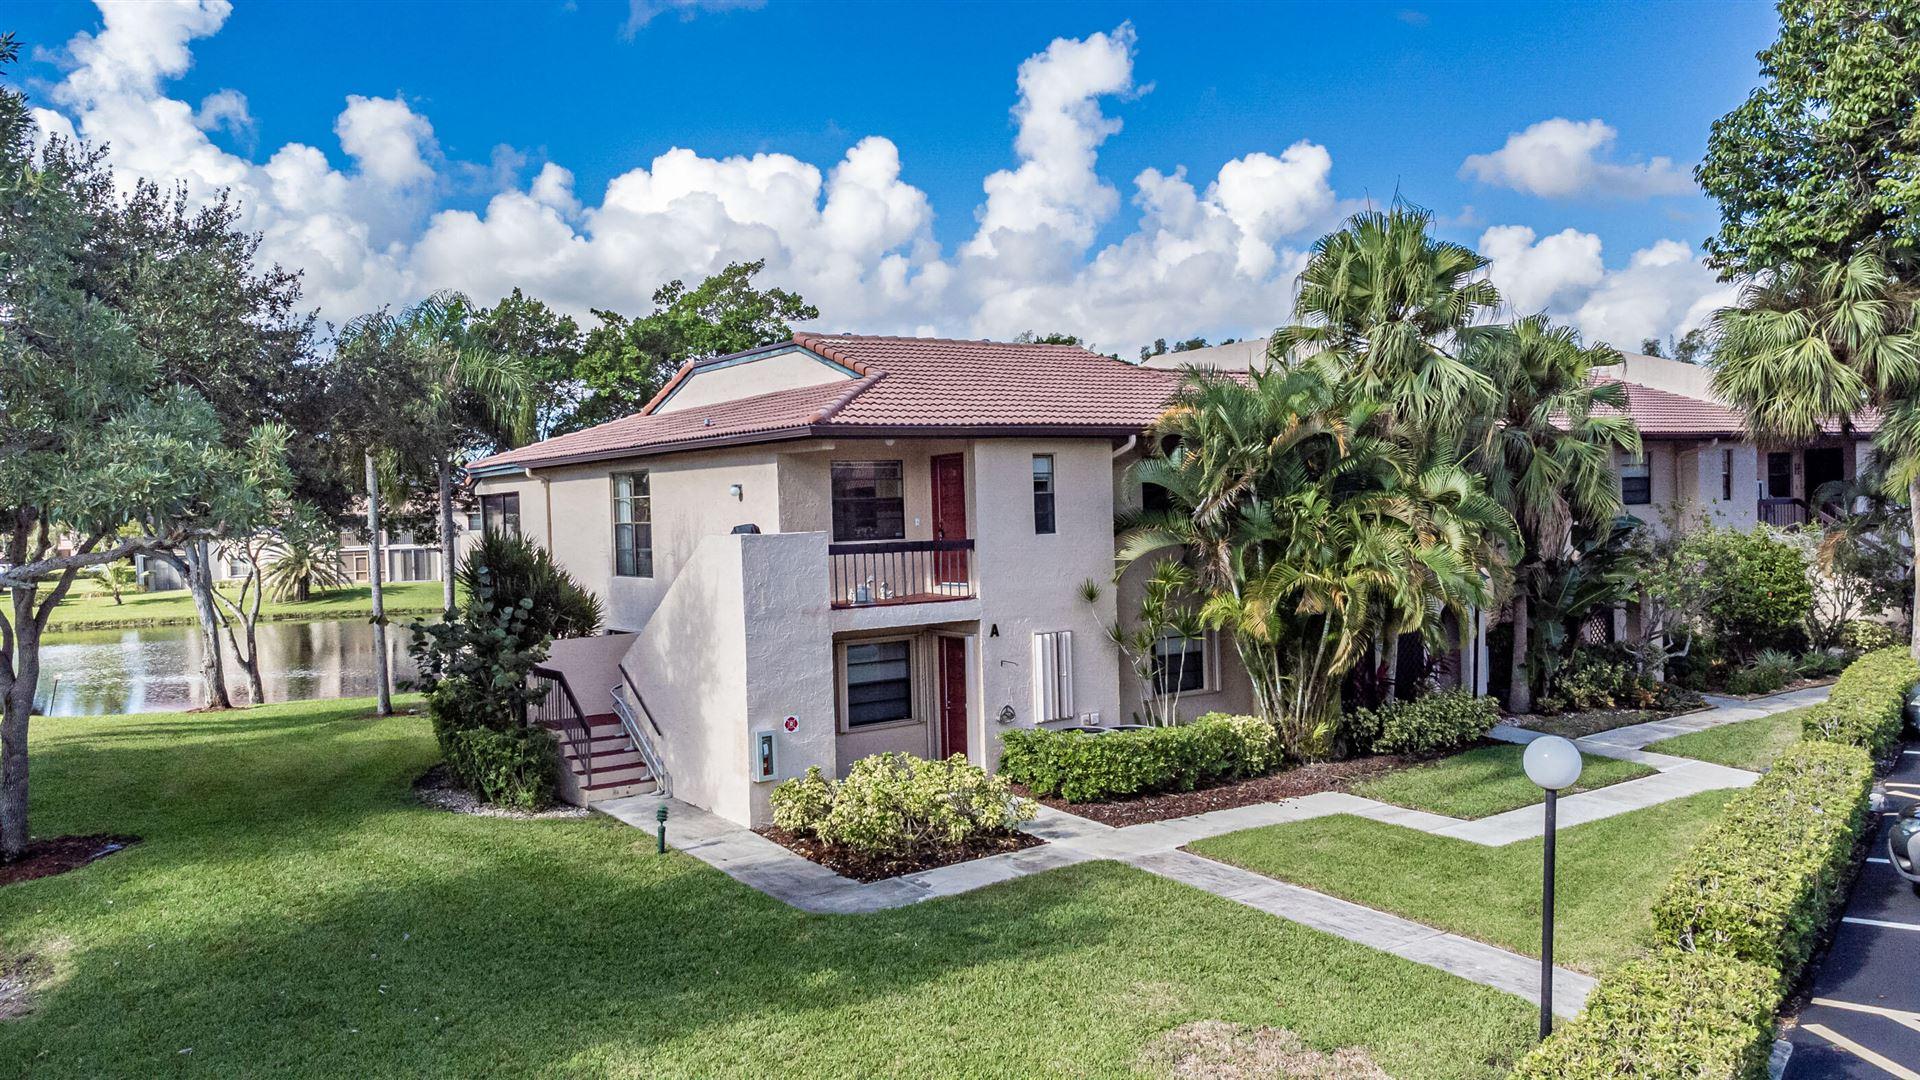 9261 Vista Del Lago #19-B, Boca Raton, FL 33428 - MLS#: RX-10752475